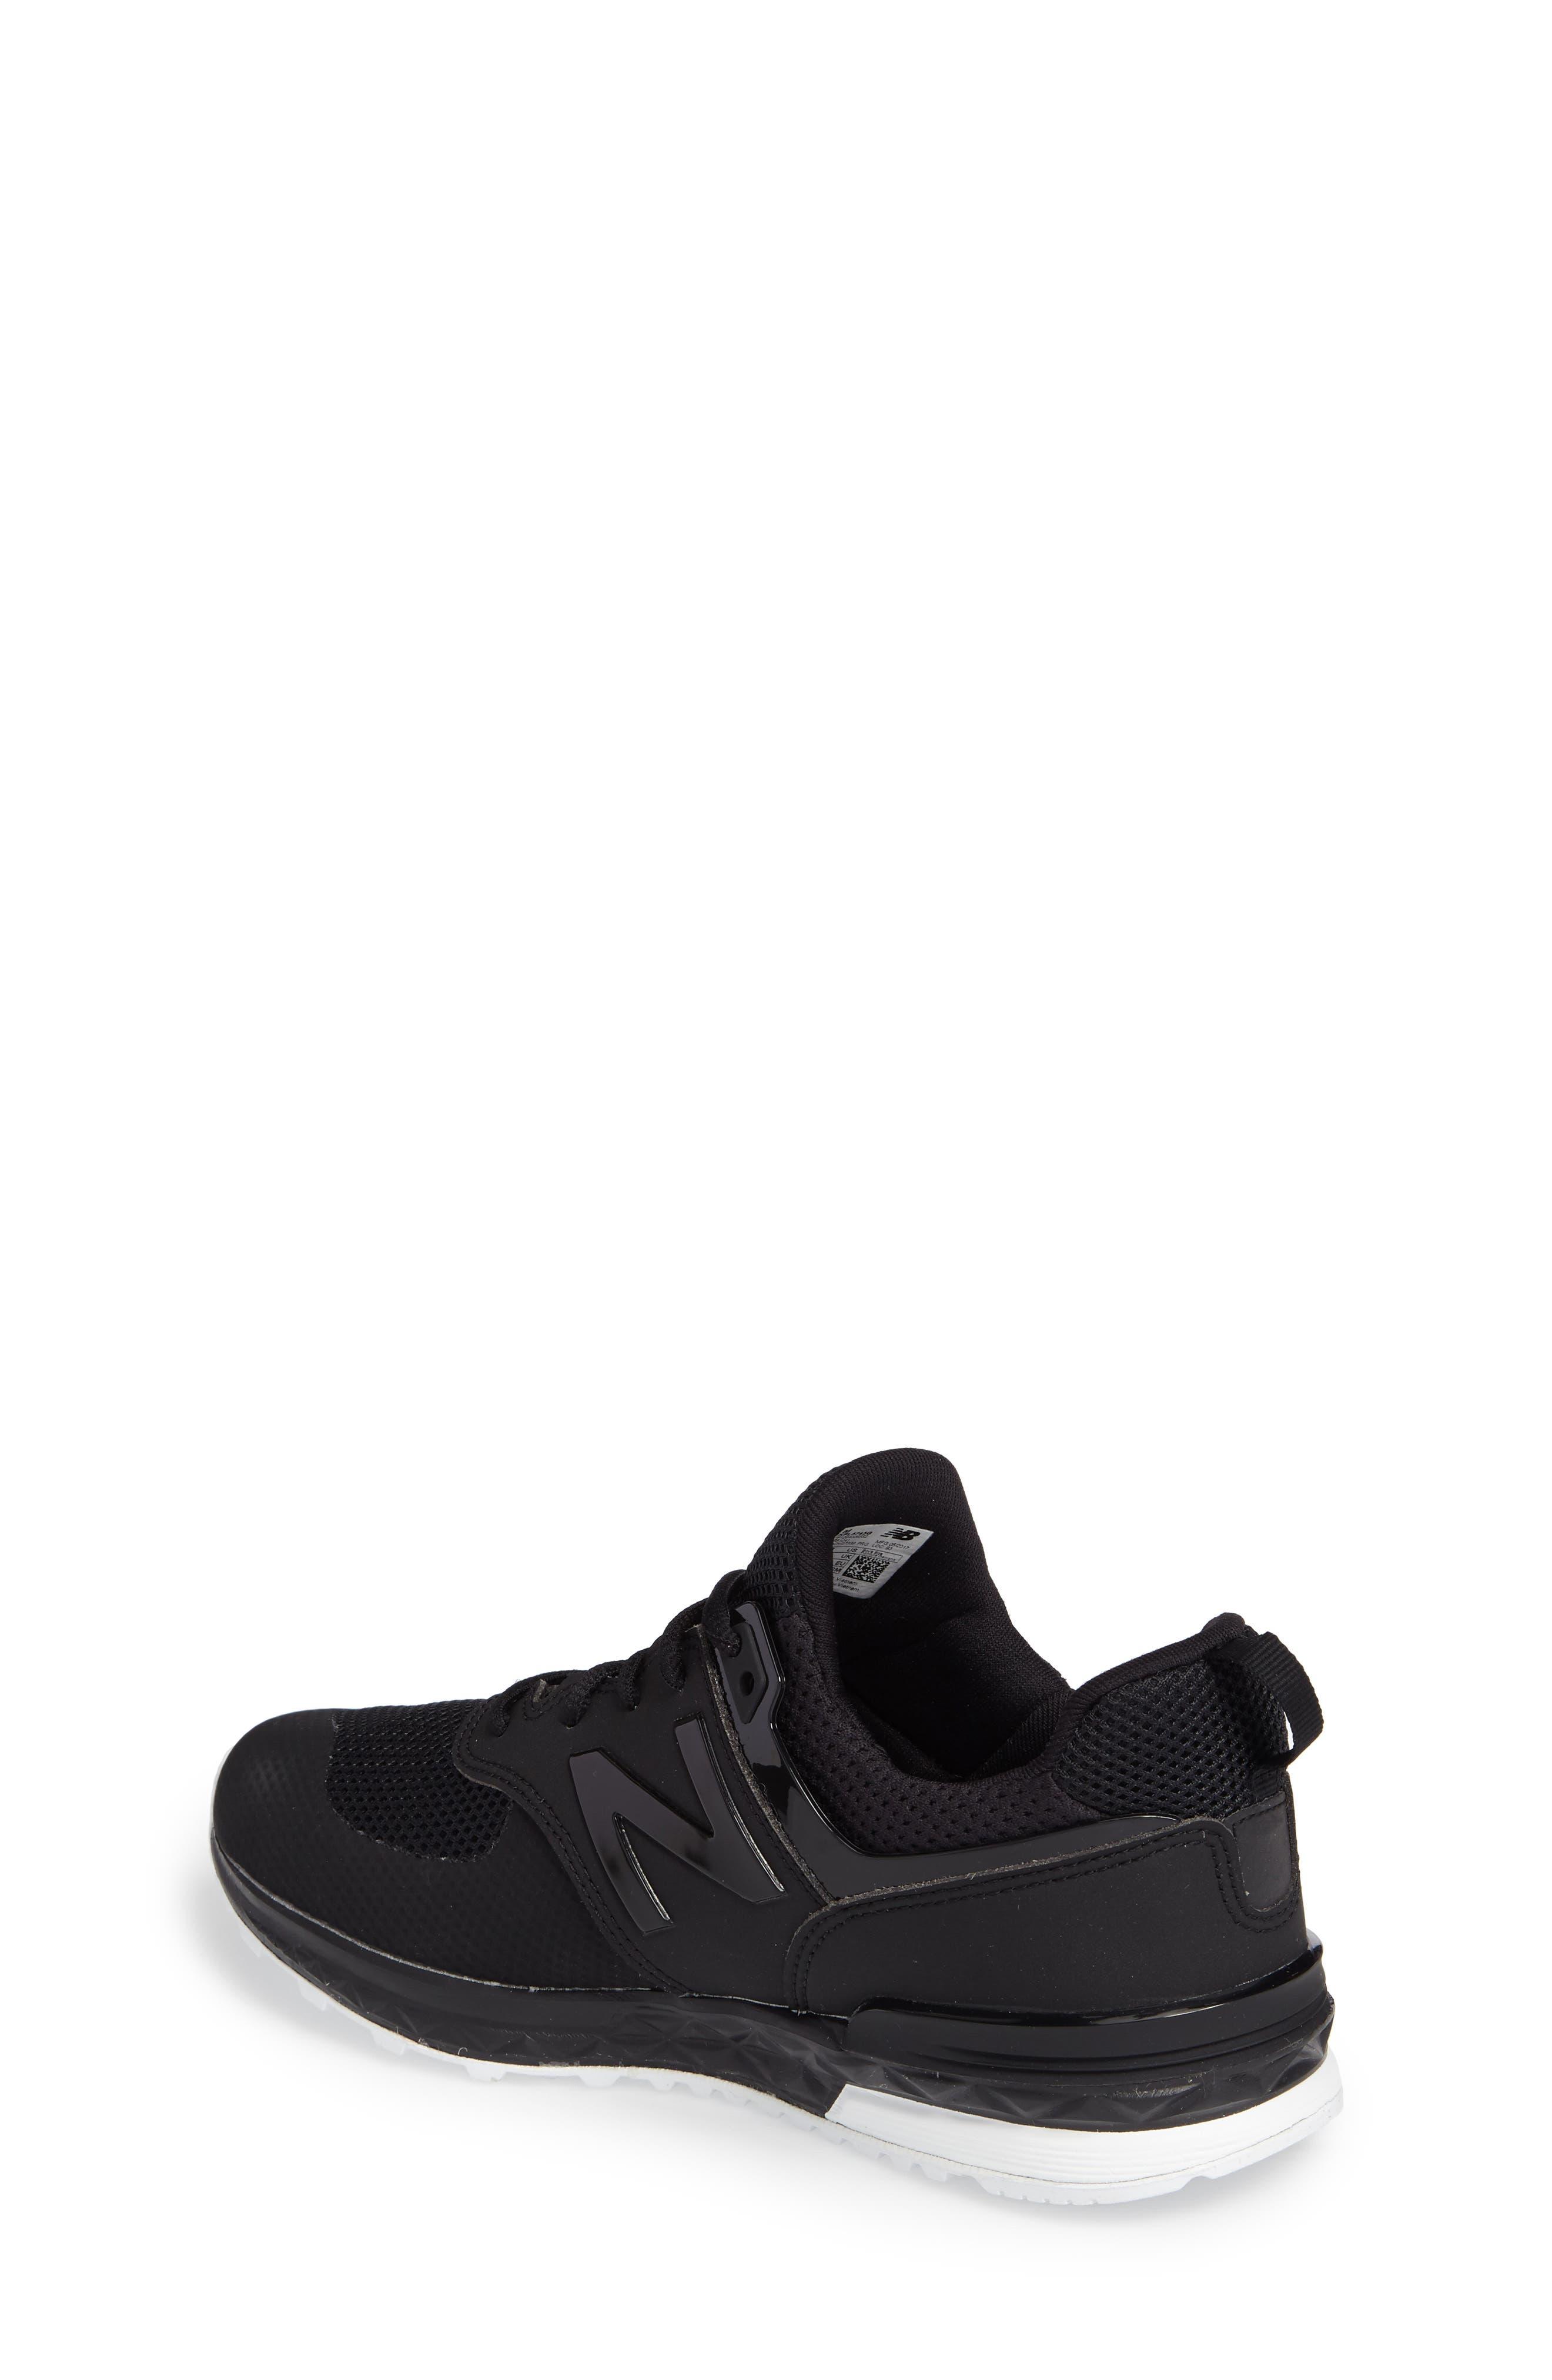 574 Sport Sneaker,                             Alternate thumbnail 2, color,                             Black